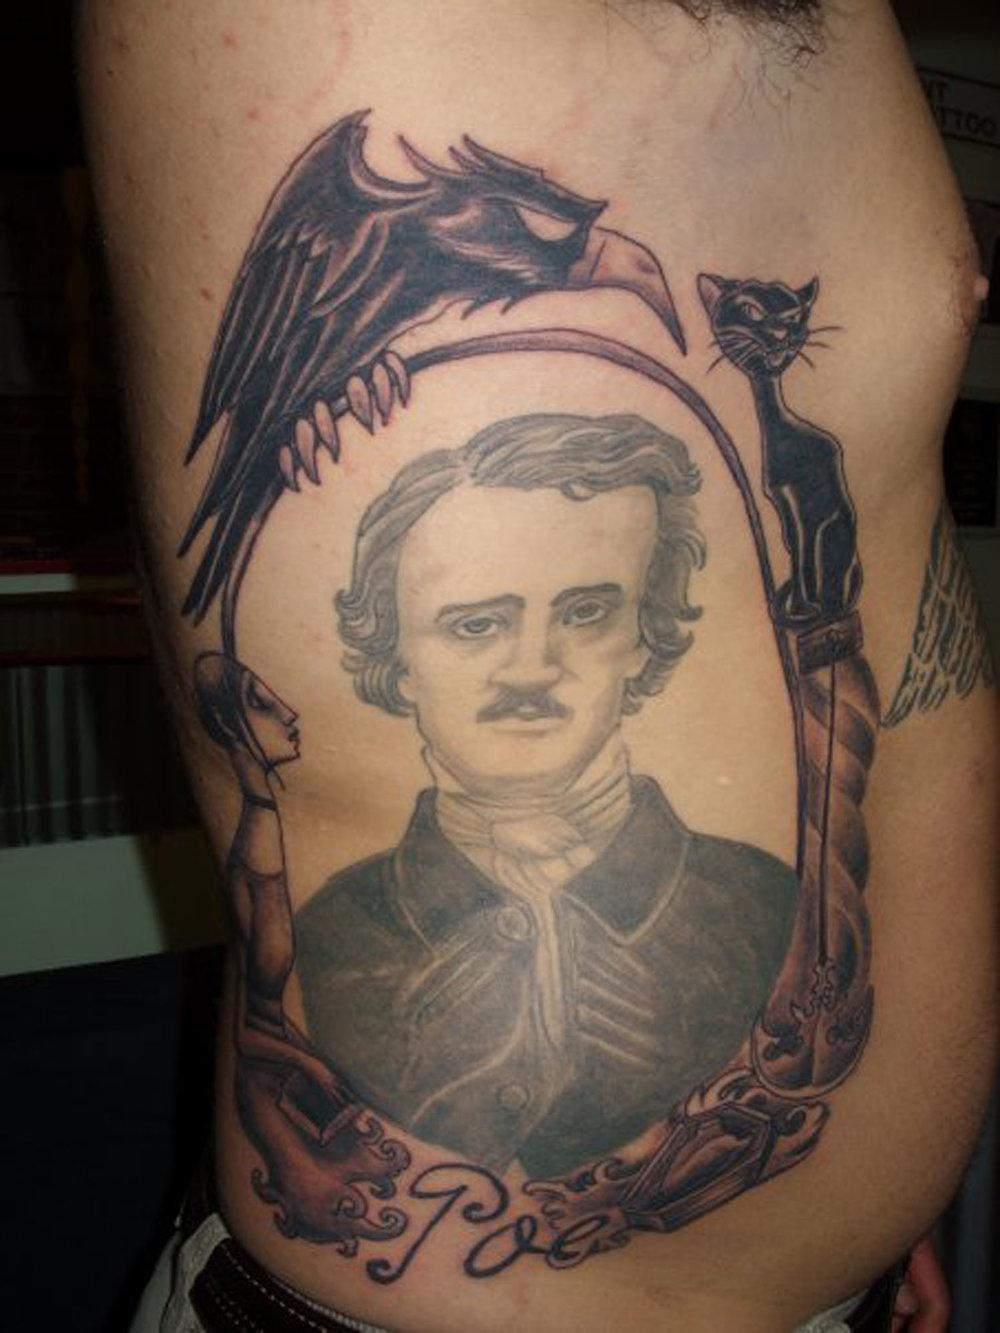 Poe's Musings